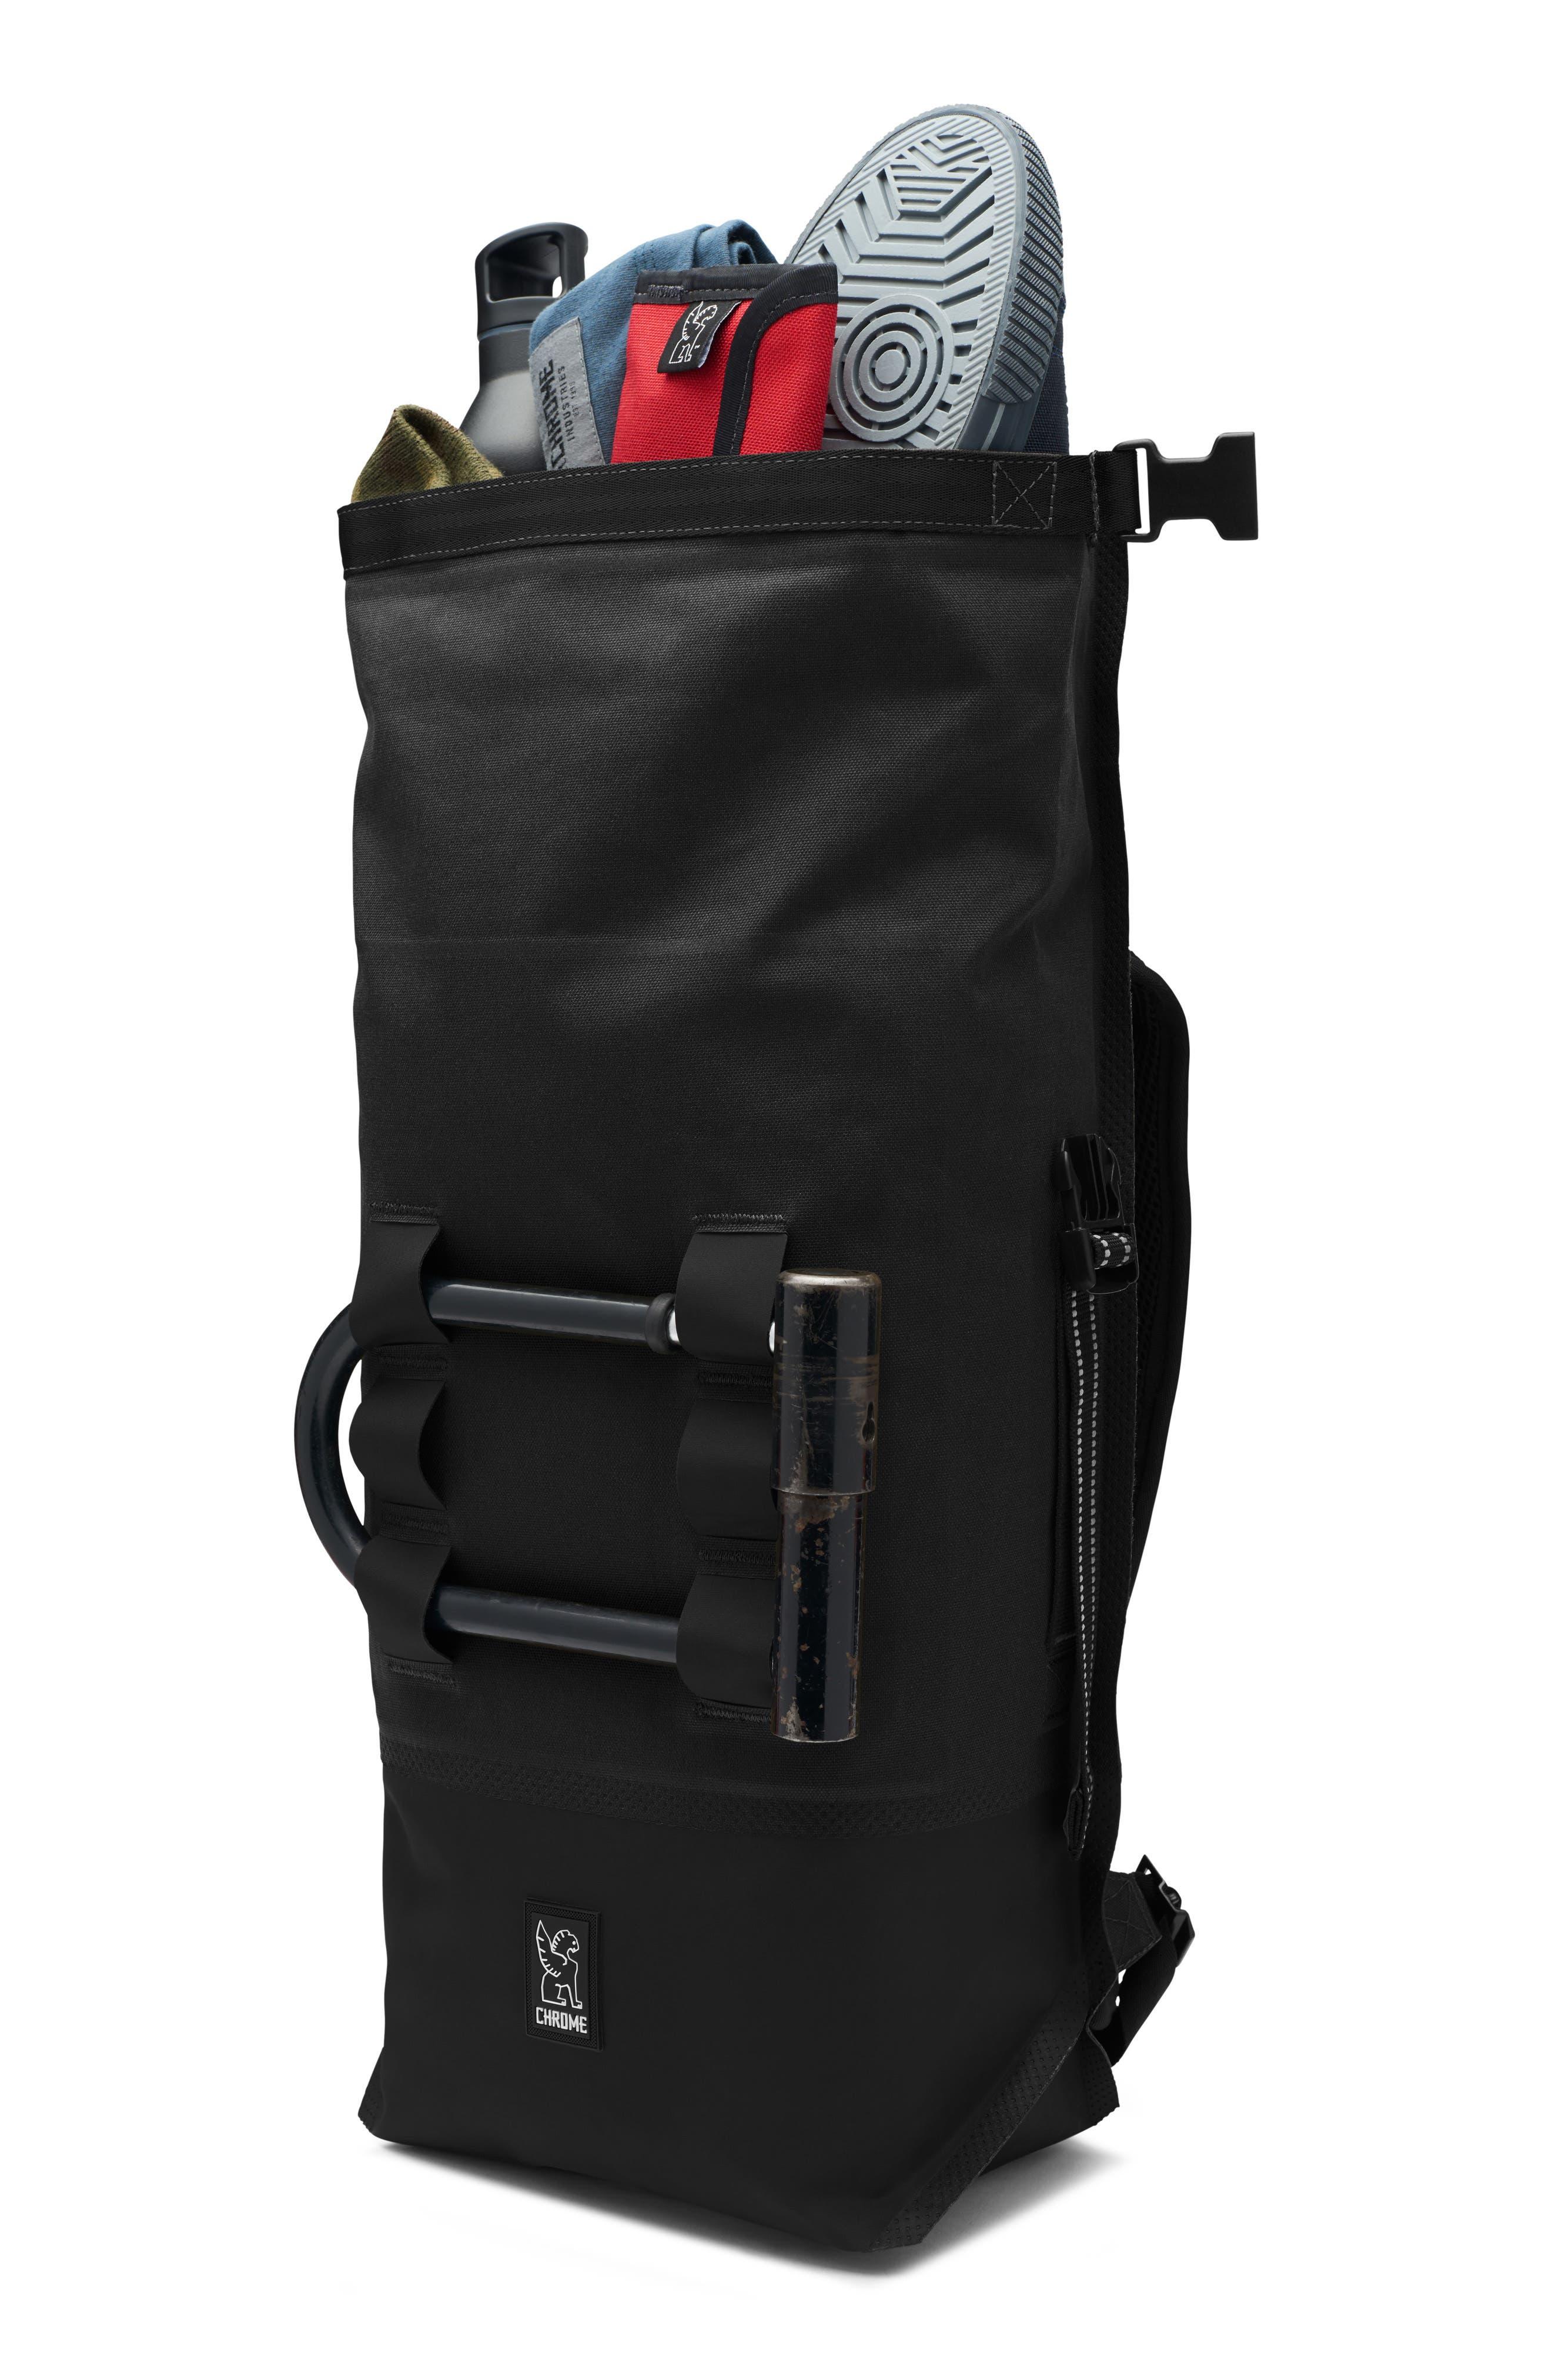 Urban Ex Rolltop Waterproof Backpack,                             Alternate thumbnail 3, color,                             Black/ Black